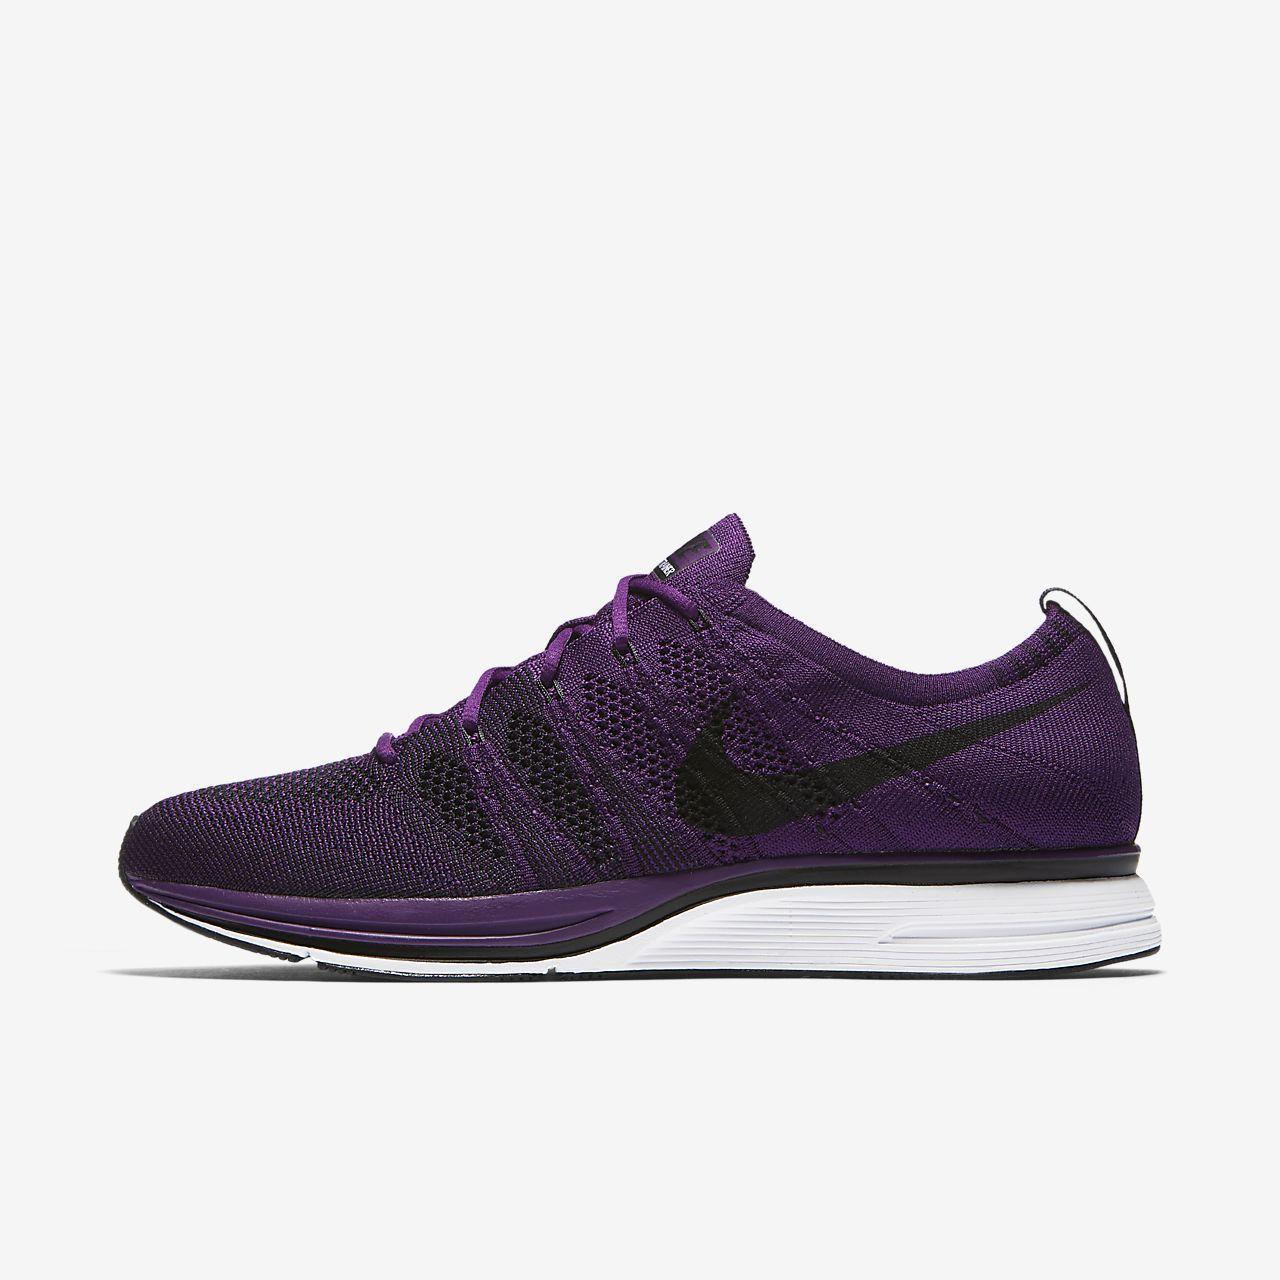 Chaussures Nike Coureur Noir Dans 47 Hommes 7ZETQ